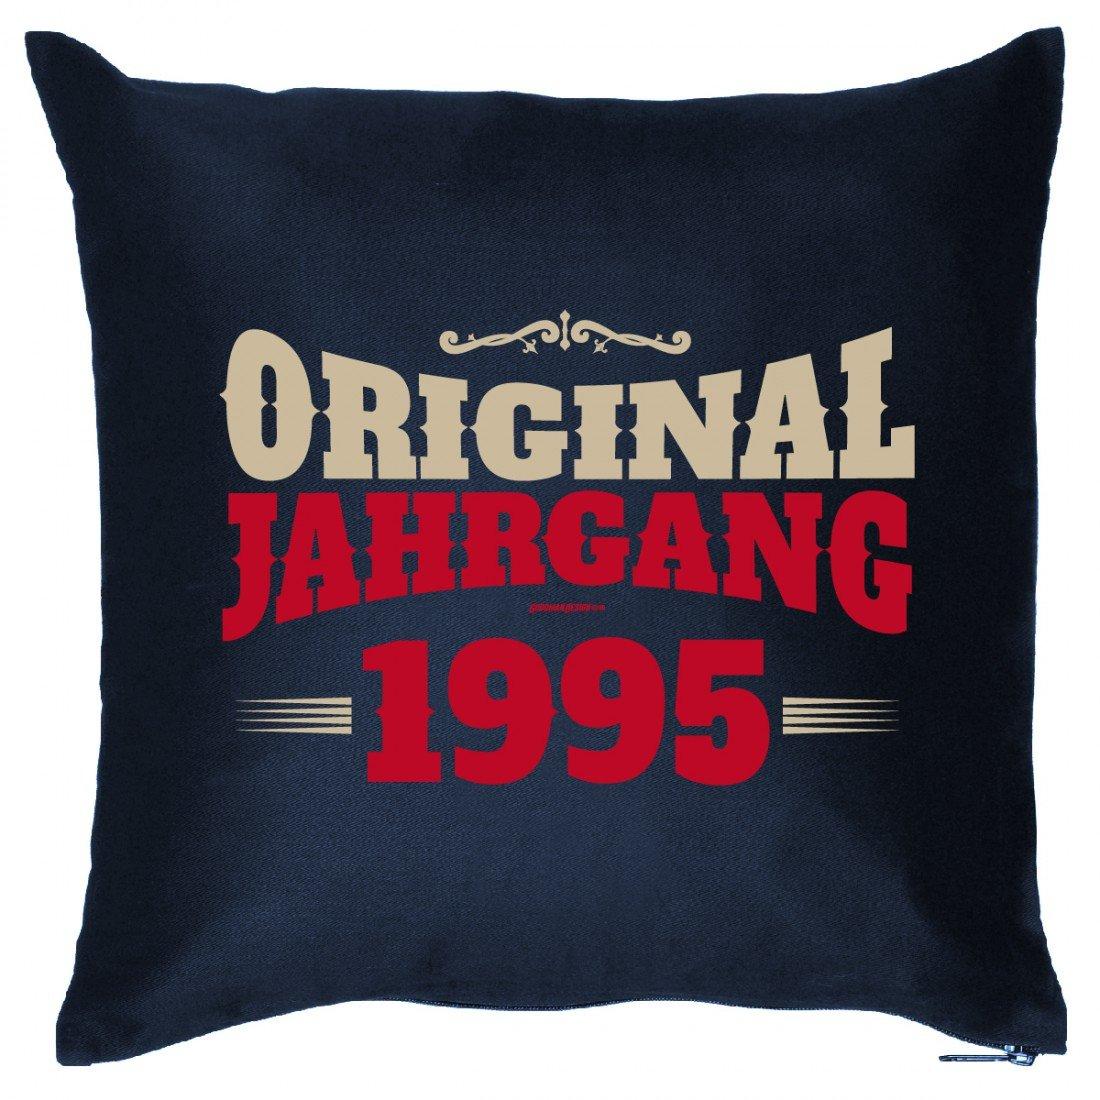 Cooles Couch Kissen für Jahrgang zum Geburtstag – Original Jahrgang 1995 – Sofakissen Wendekissen mit Spruch und Humor online bestellen